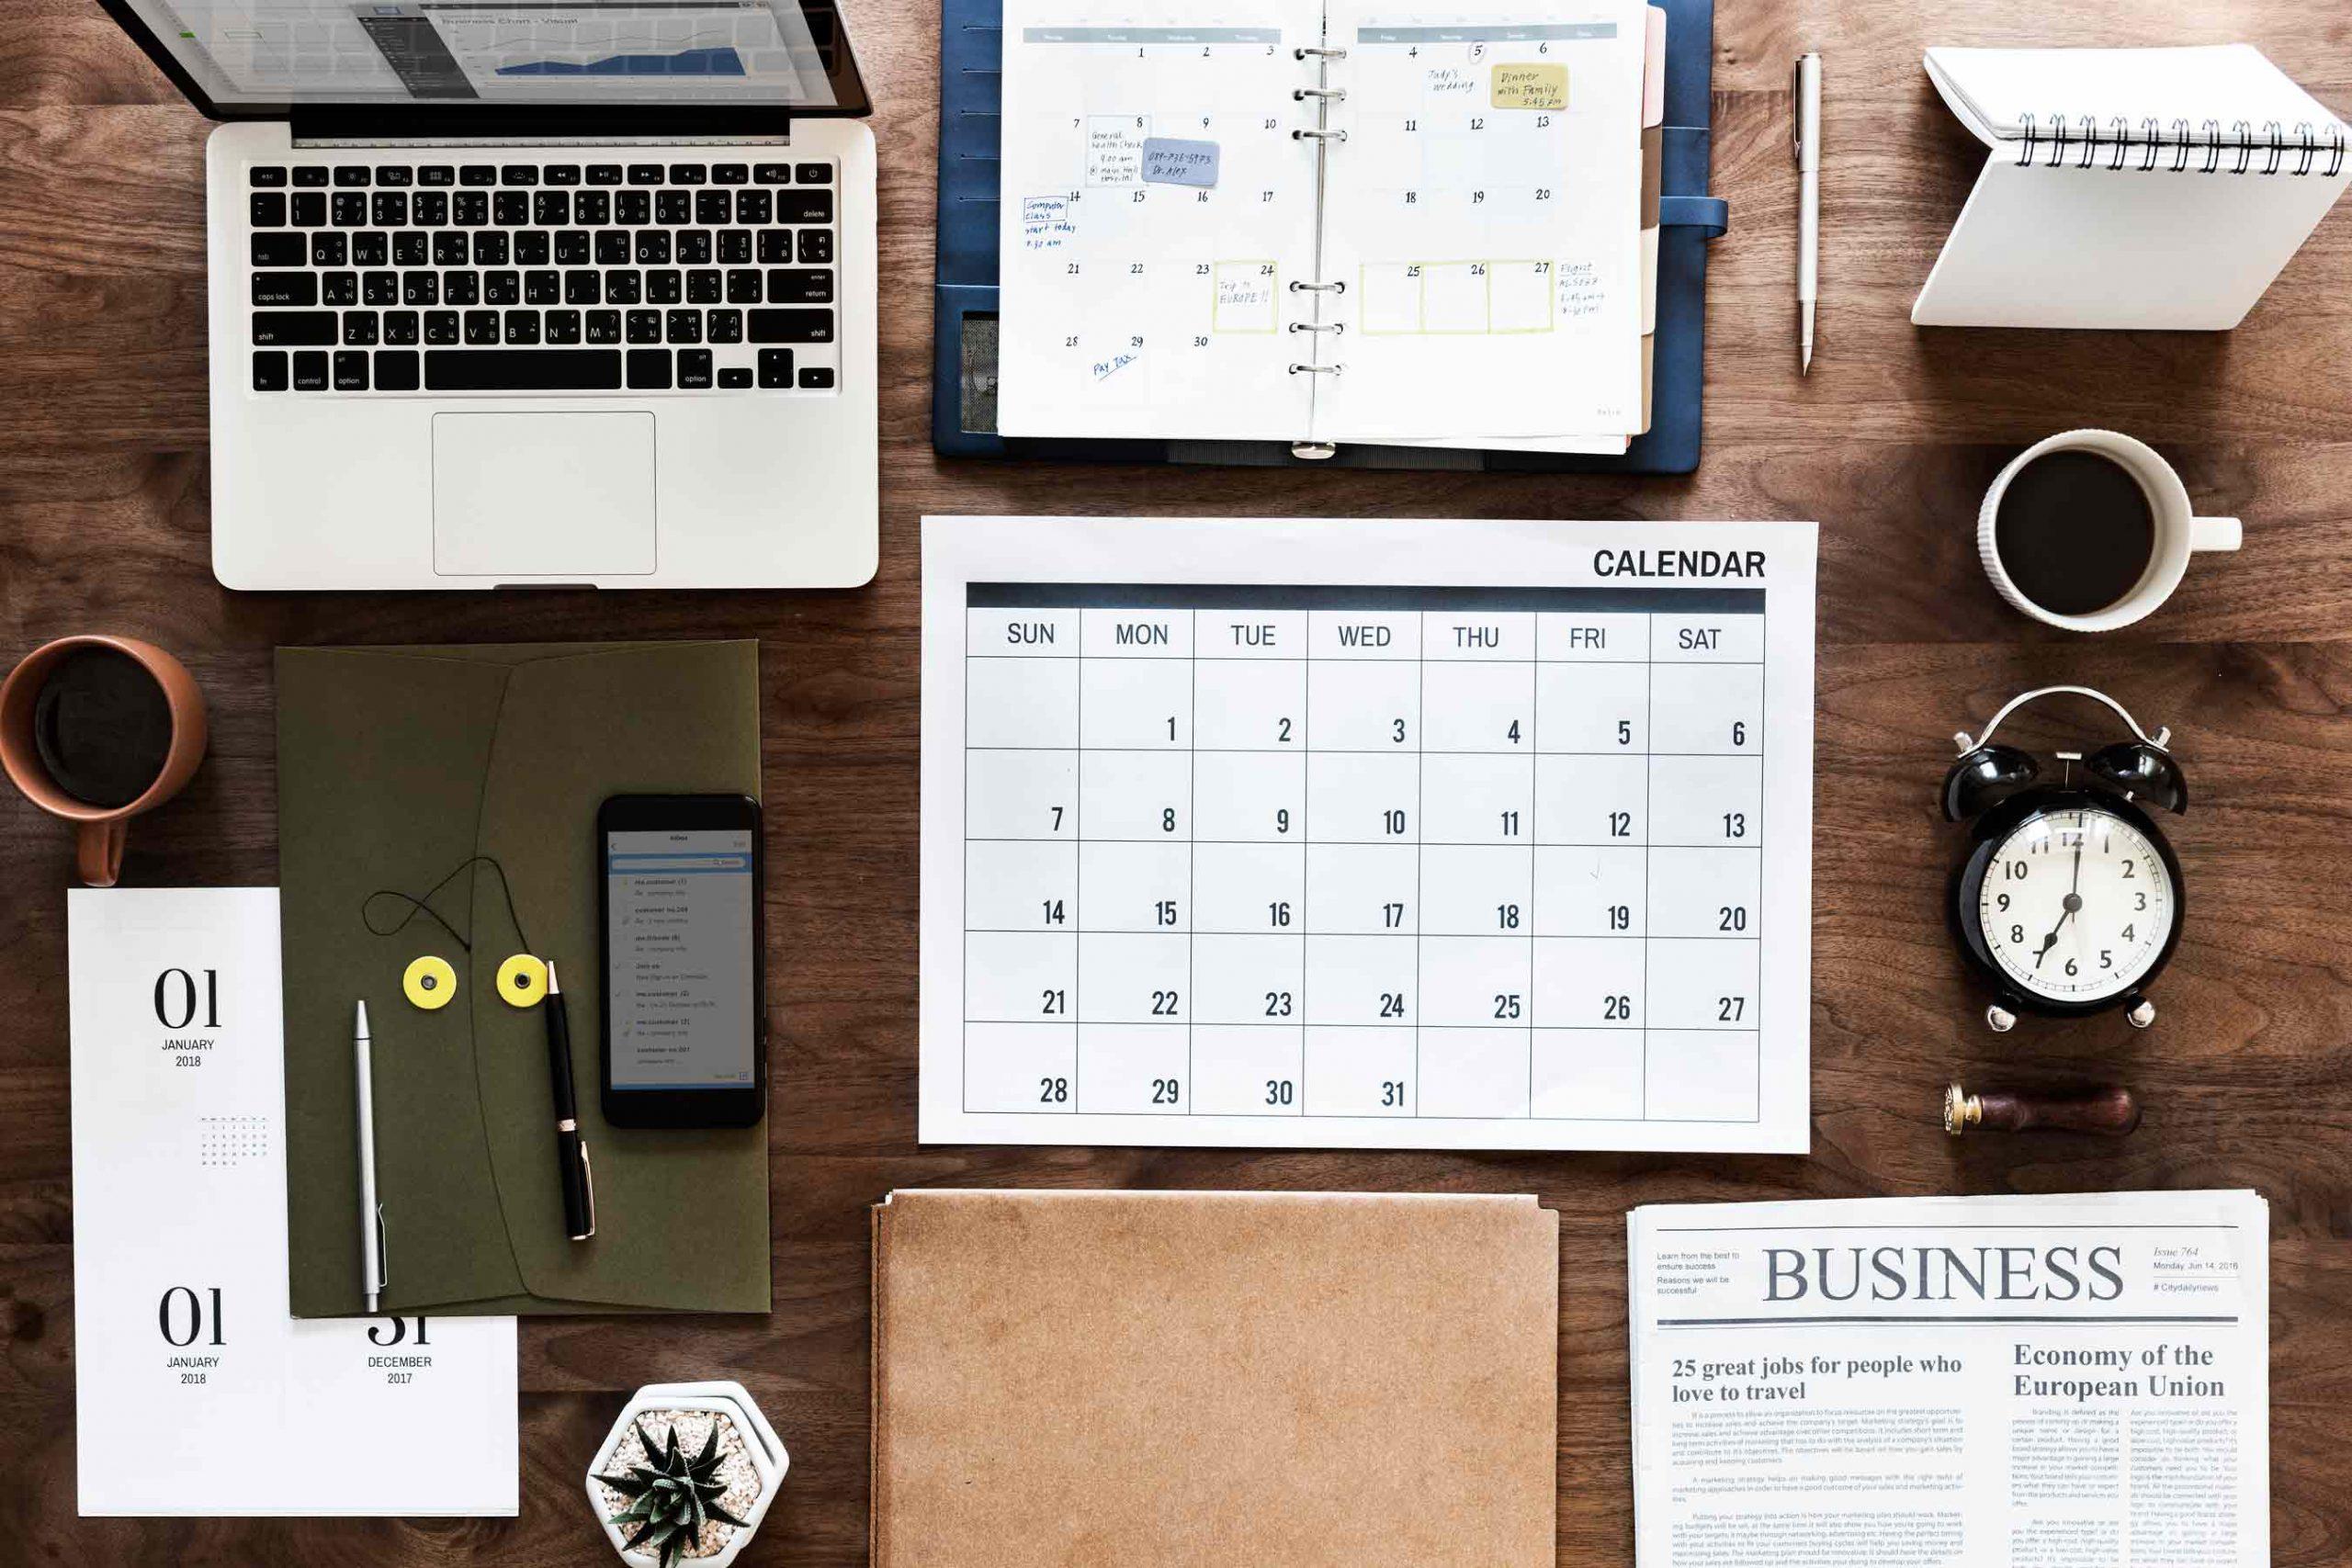 ۳ نمونه تقویم بازاریابی محتوا